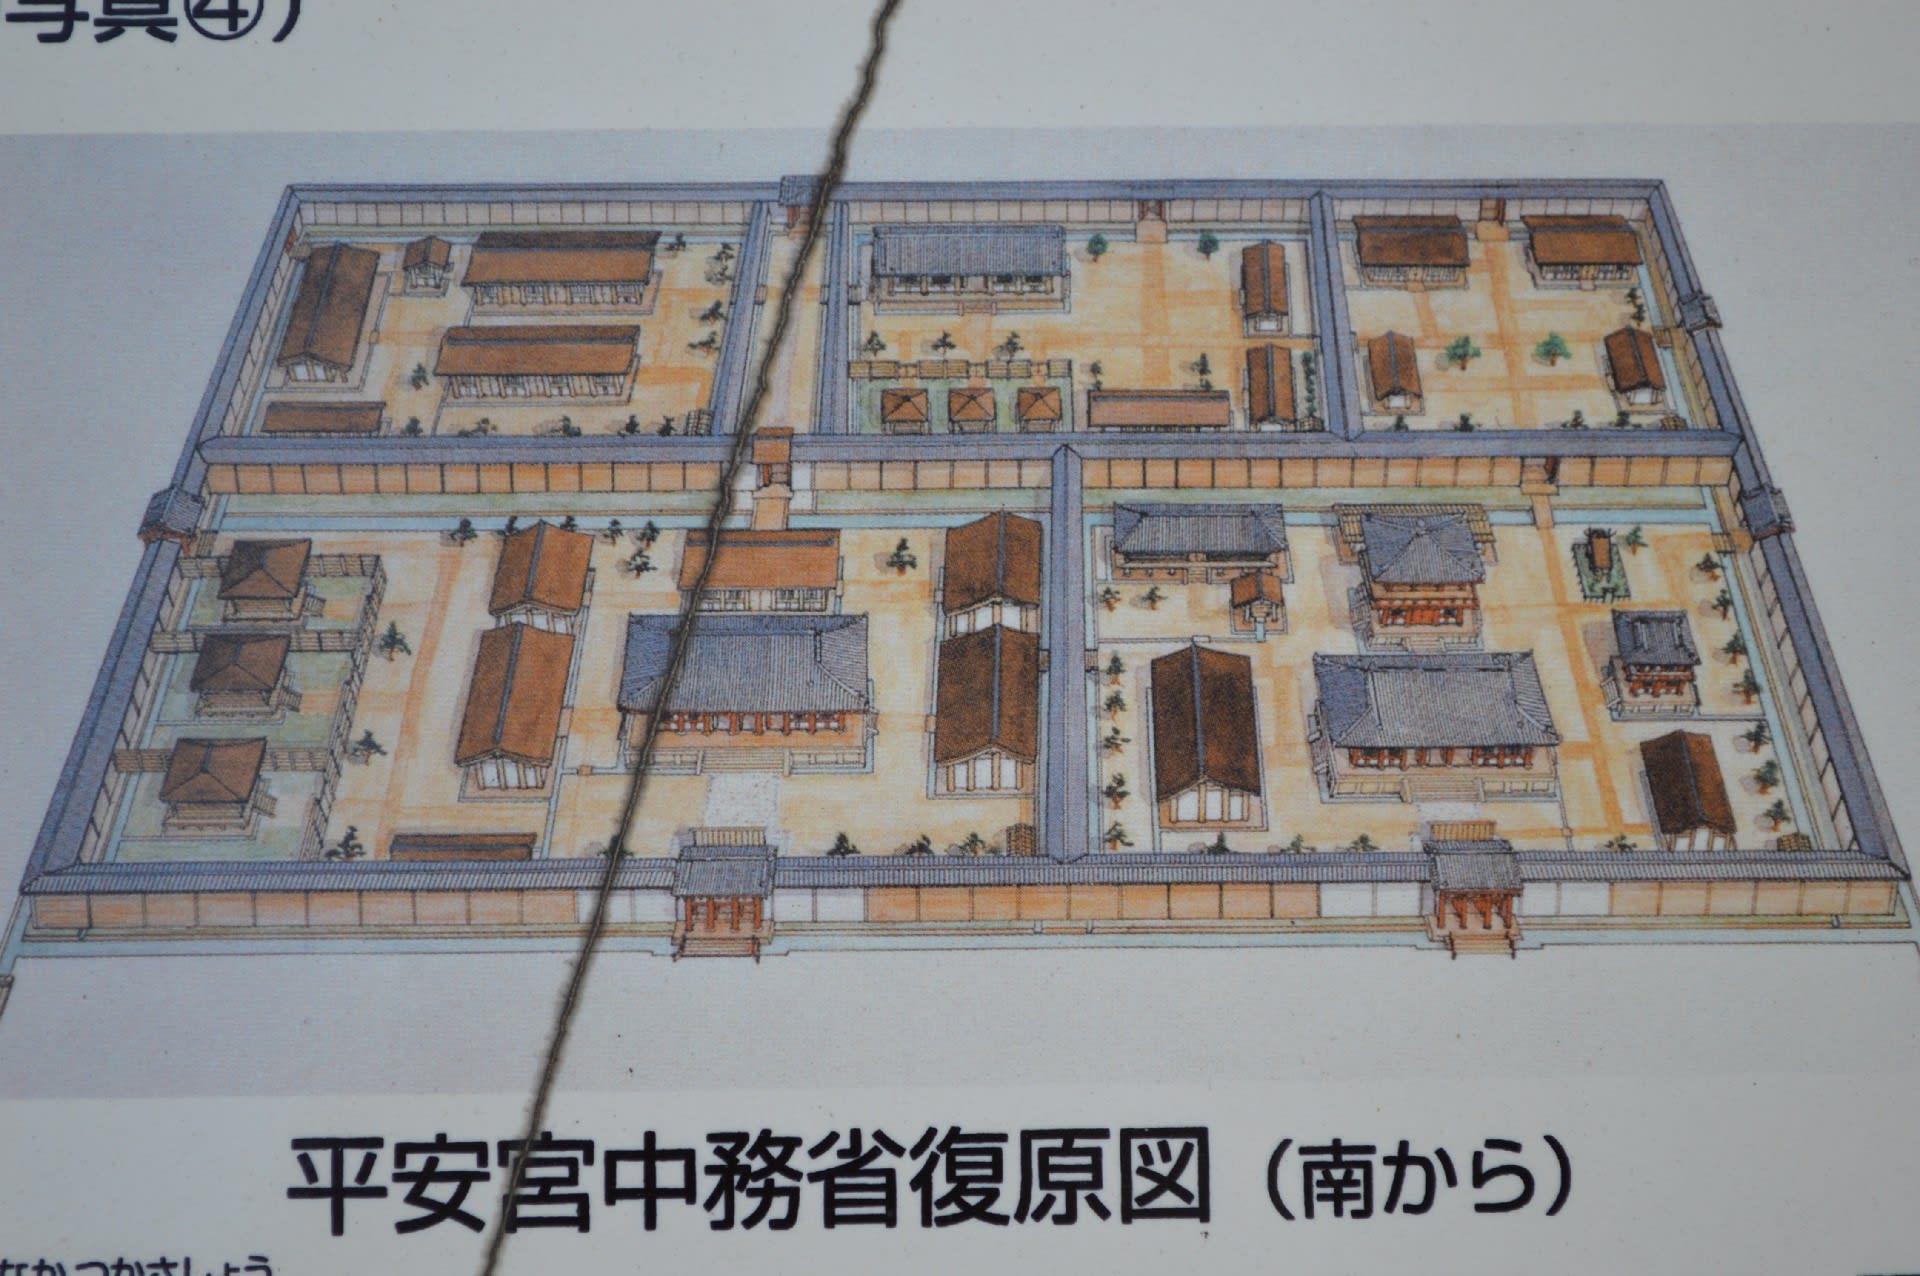 平安宮022 中務省 復元図 安倍晴明が働いていたところ - アートプラス ...